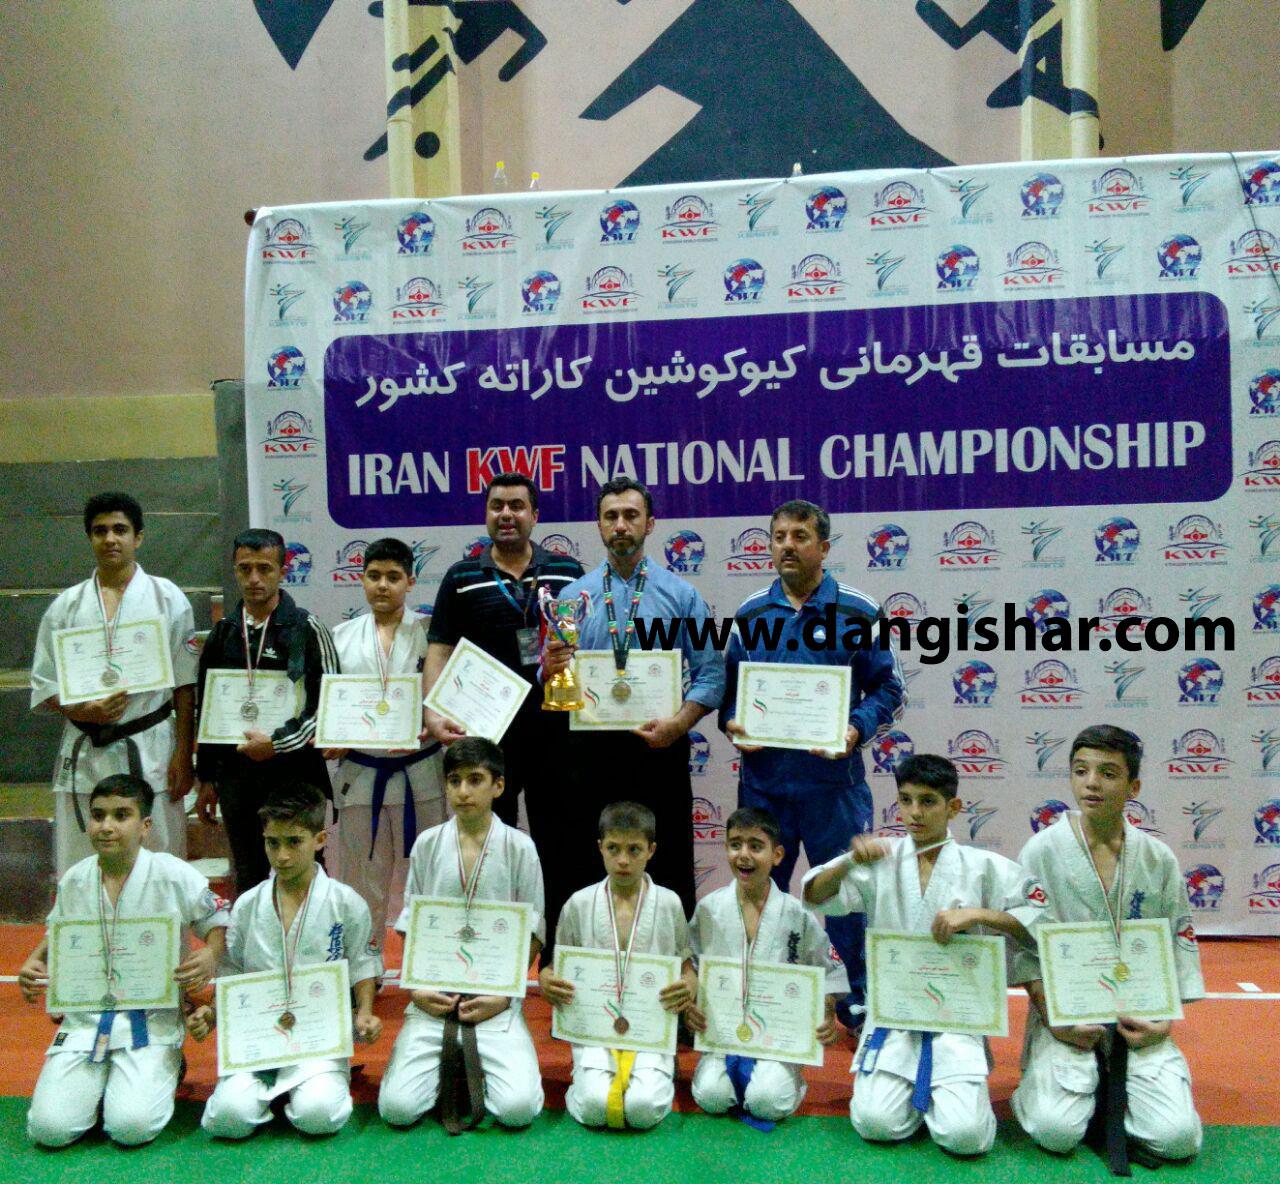 با کسب 3 نشان طلاکیوکوشینکاران کردستان نایب قهرمان رقابتهای قهرمانی کشور شدند